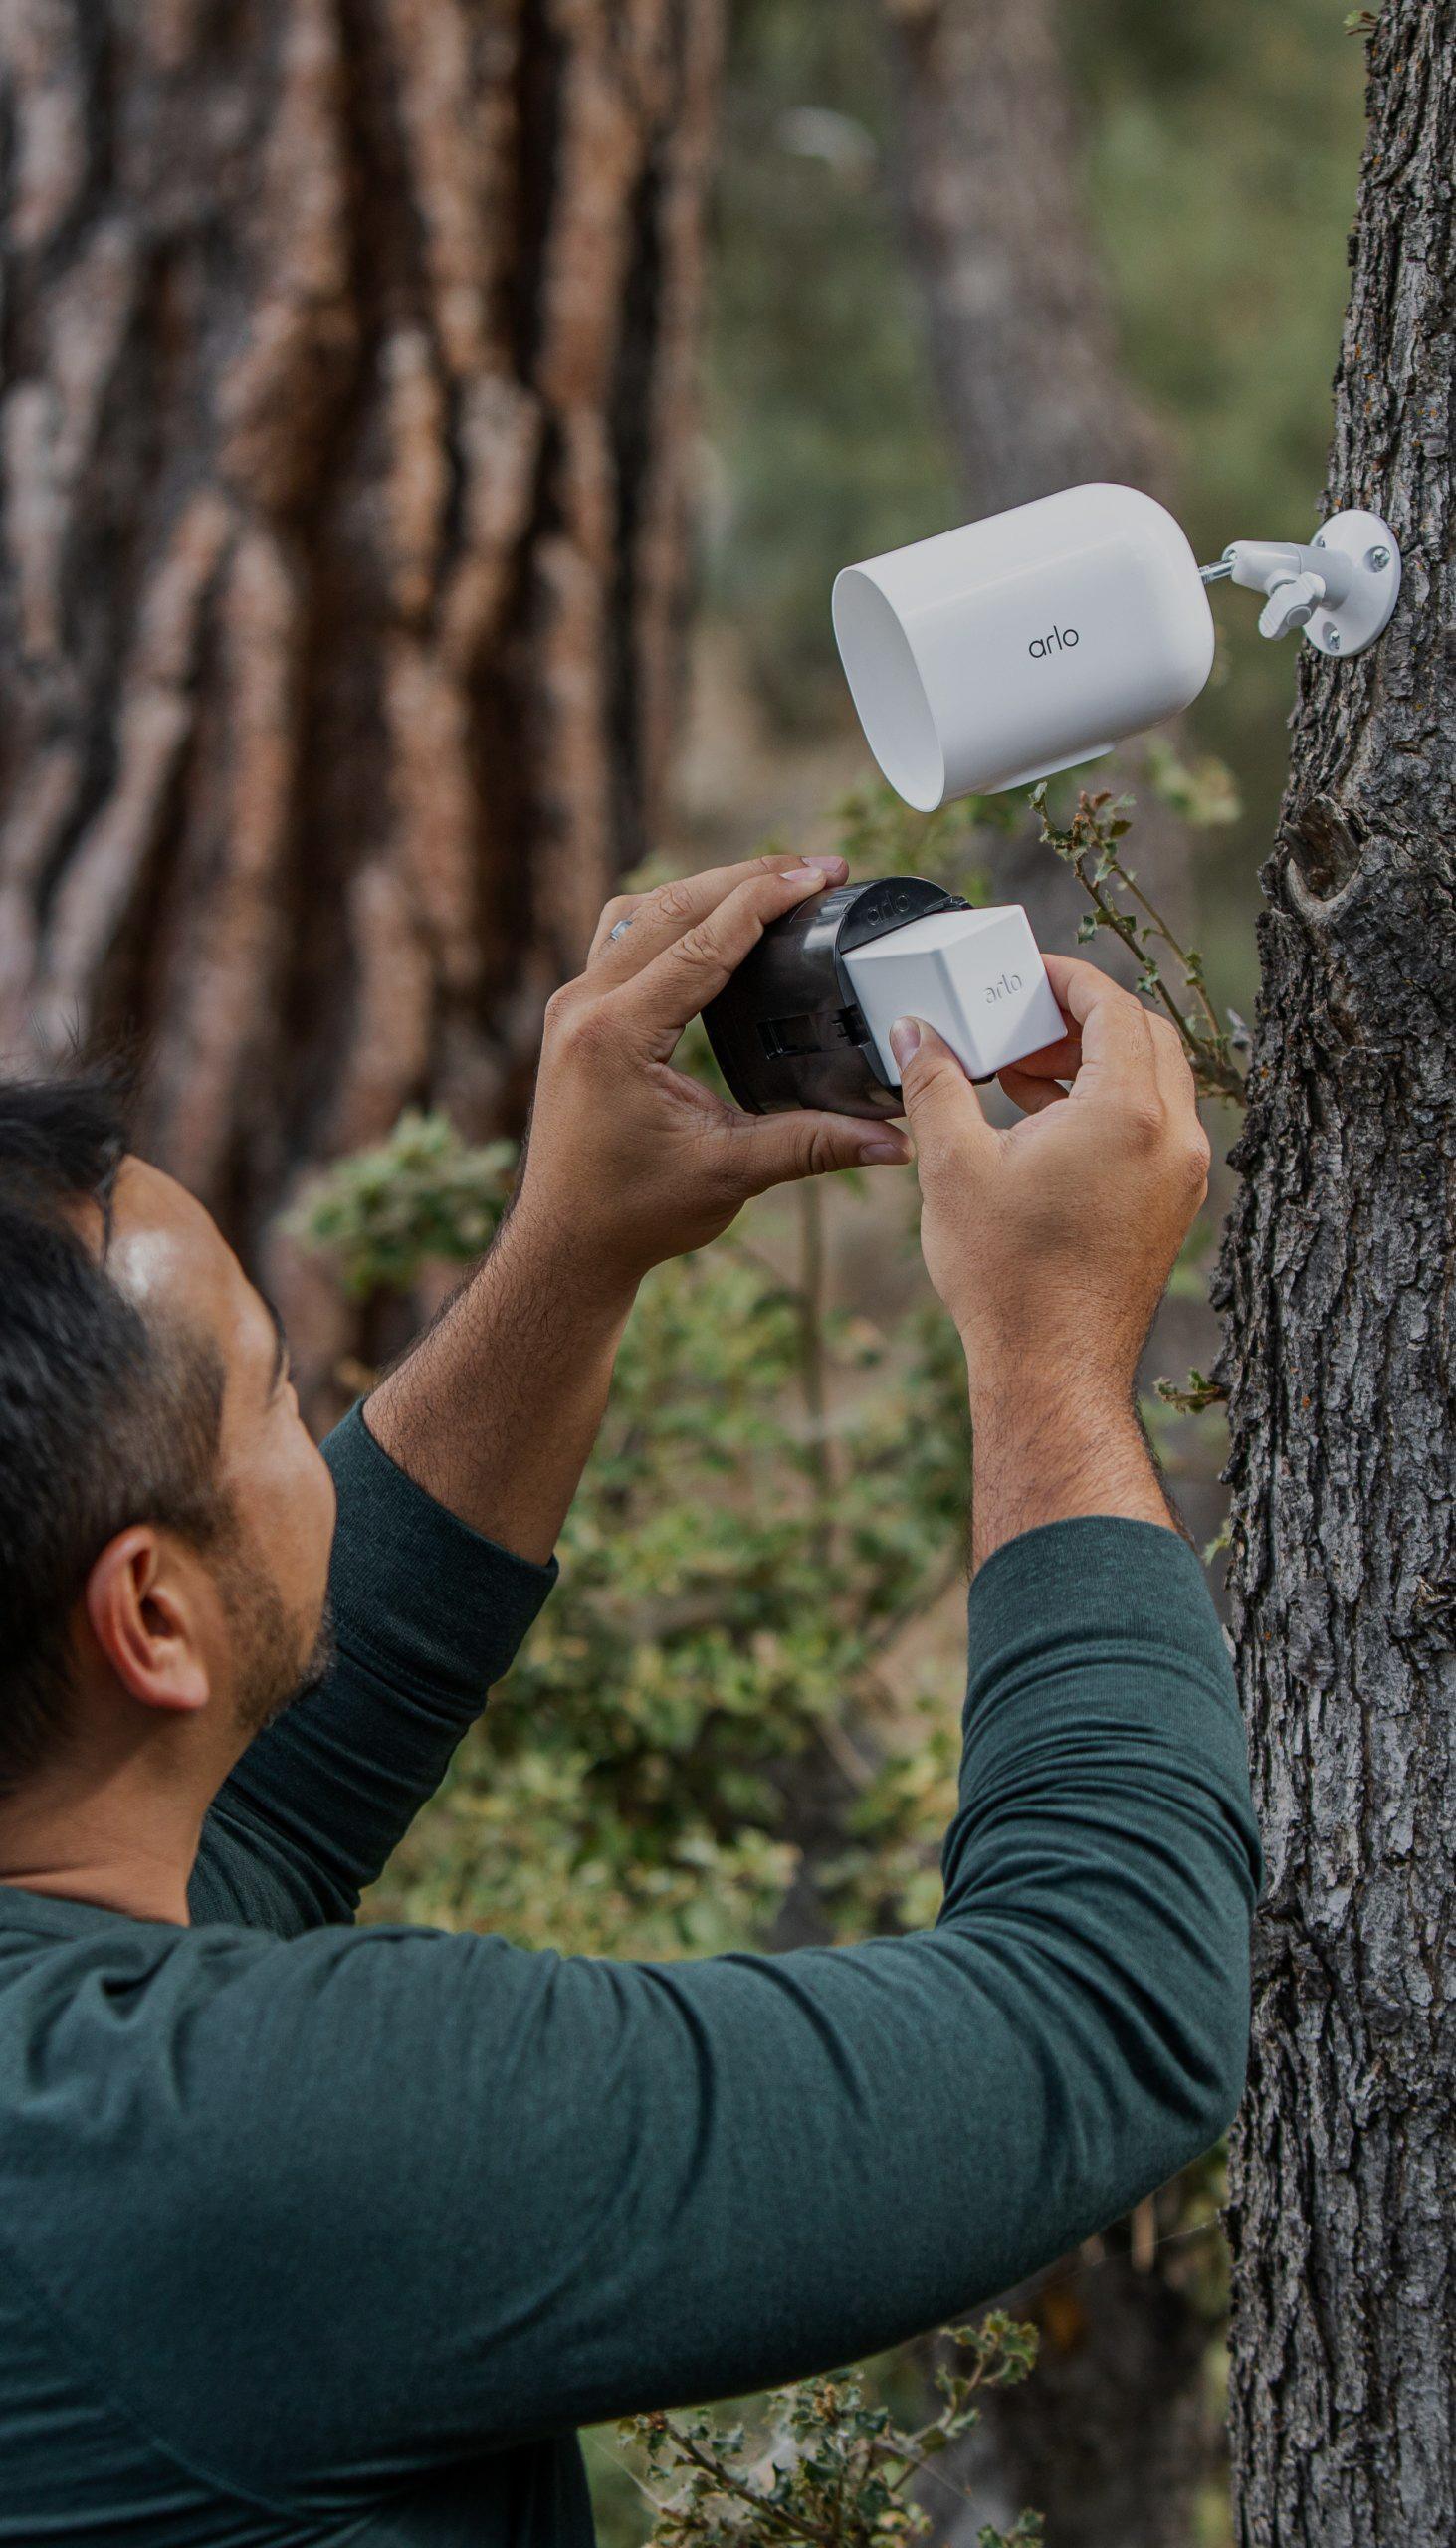 man hiding Arlo outdoor camera